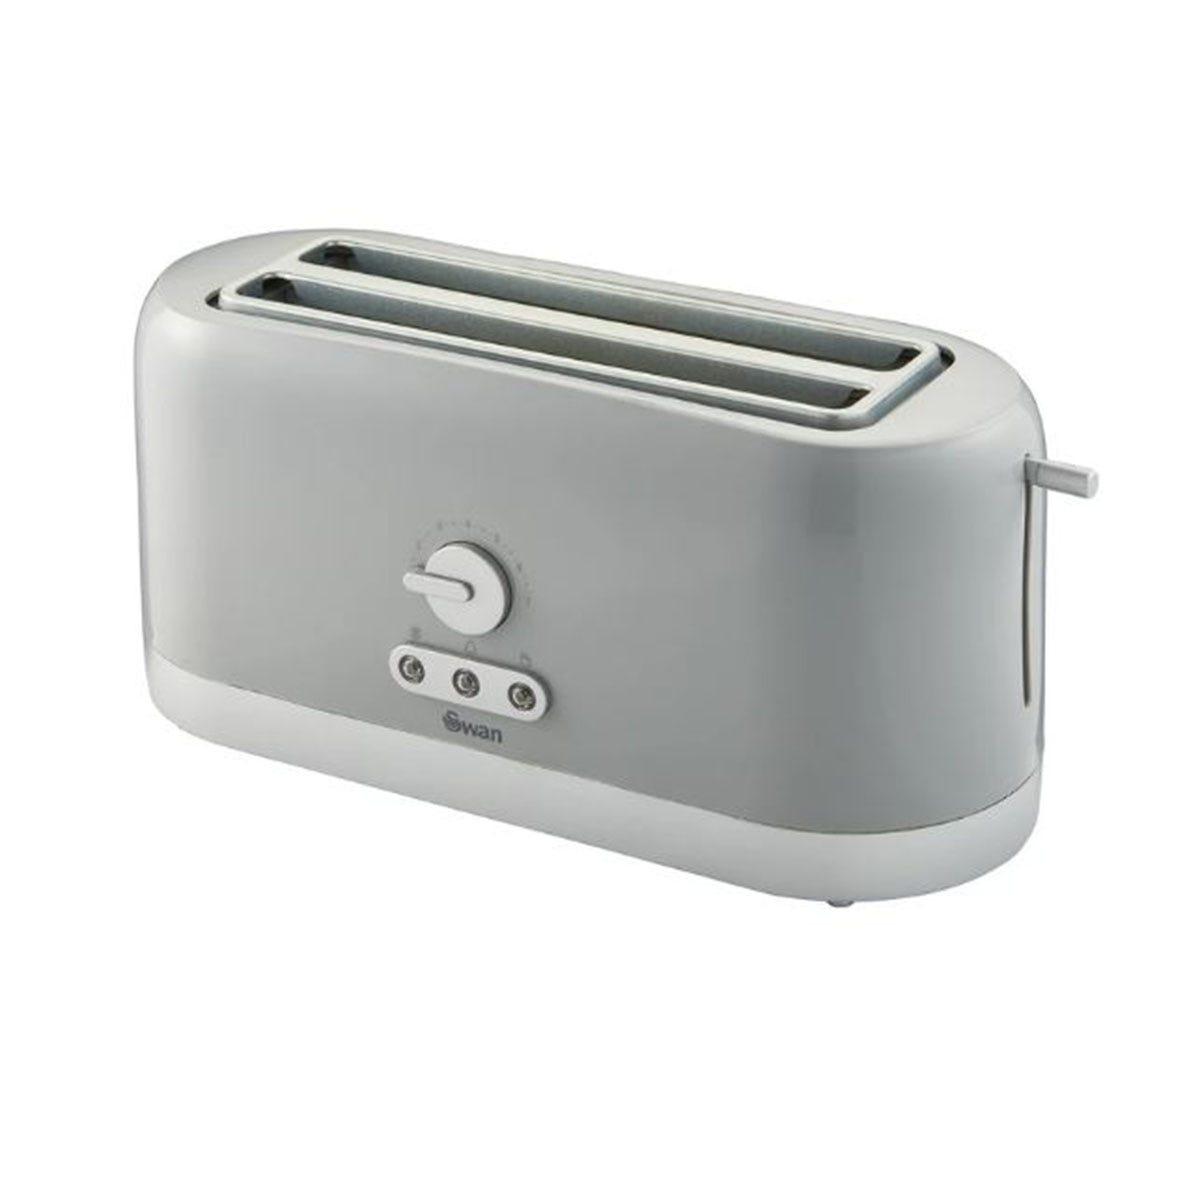 Swan ST10091GRYN LongSlot 4 Slice Toaster - Grey